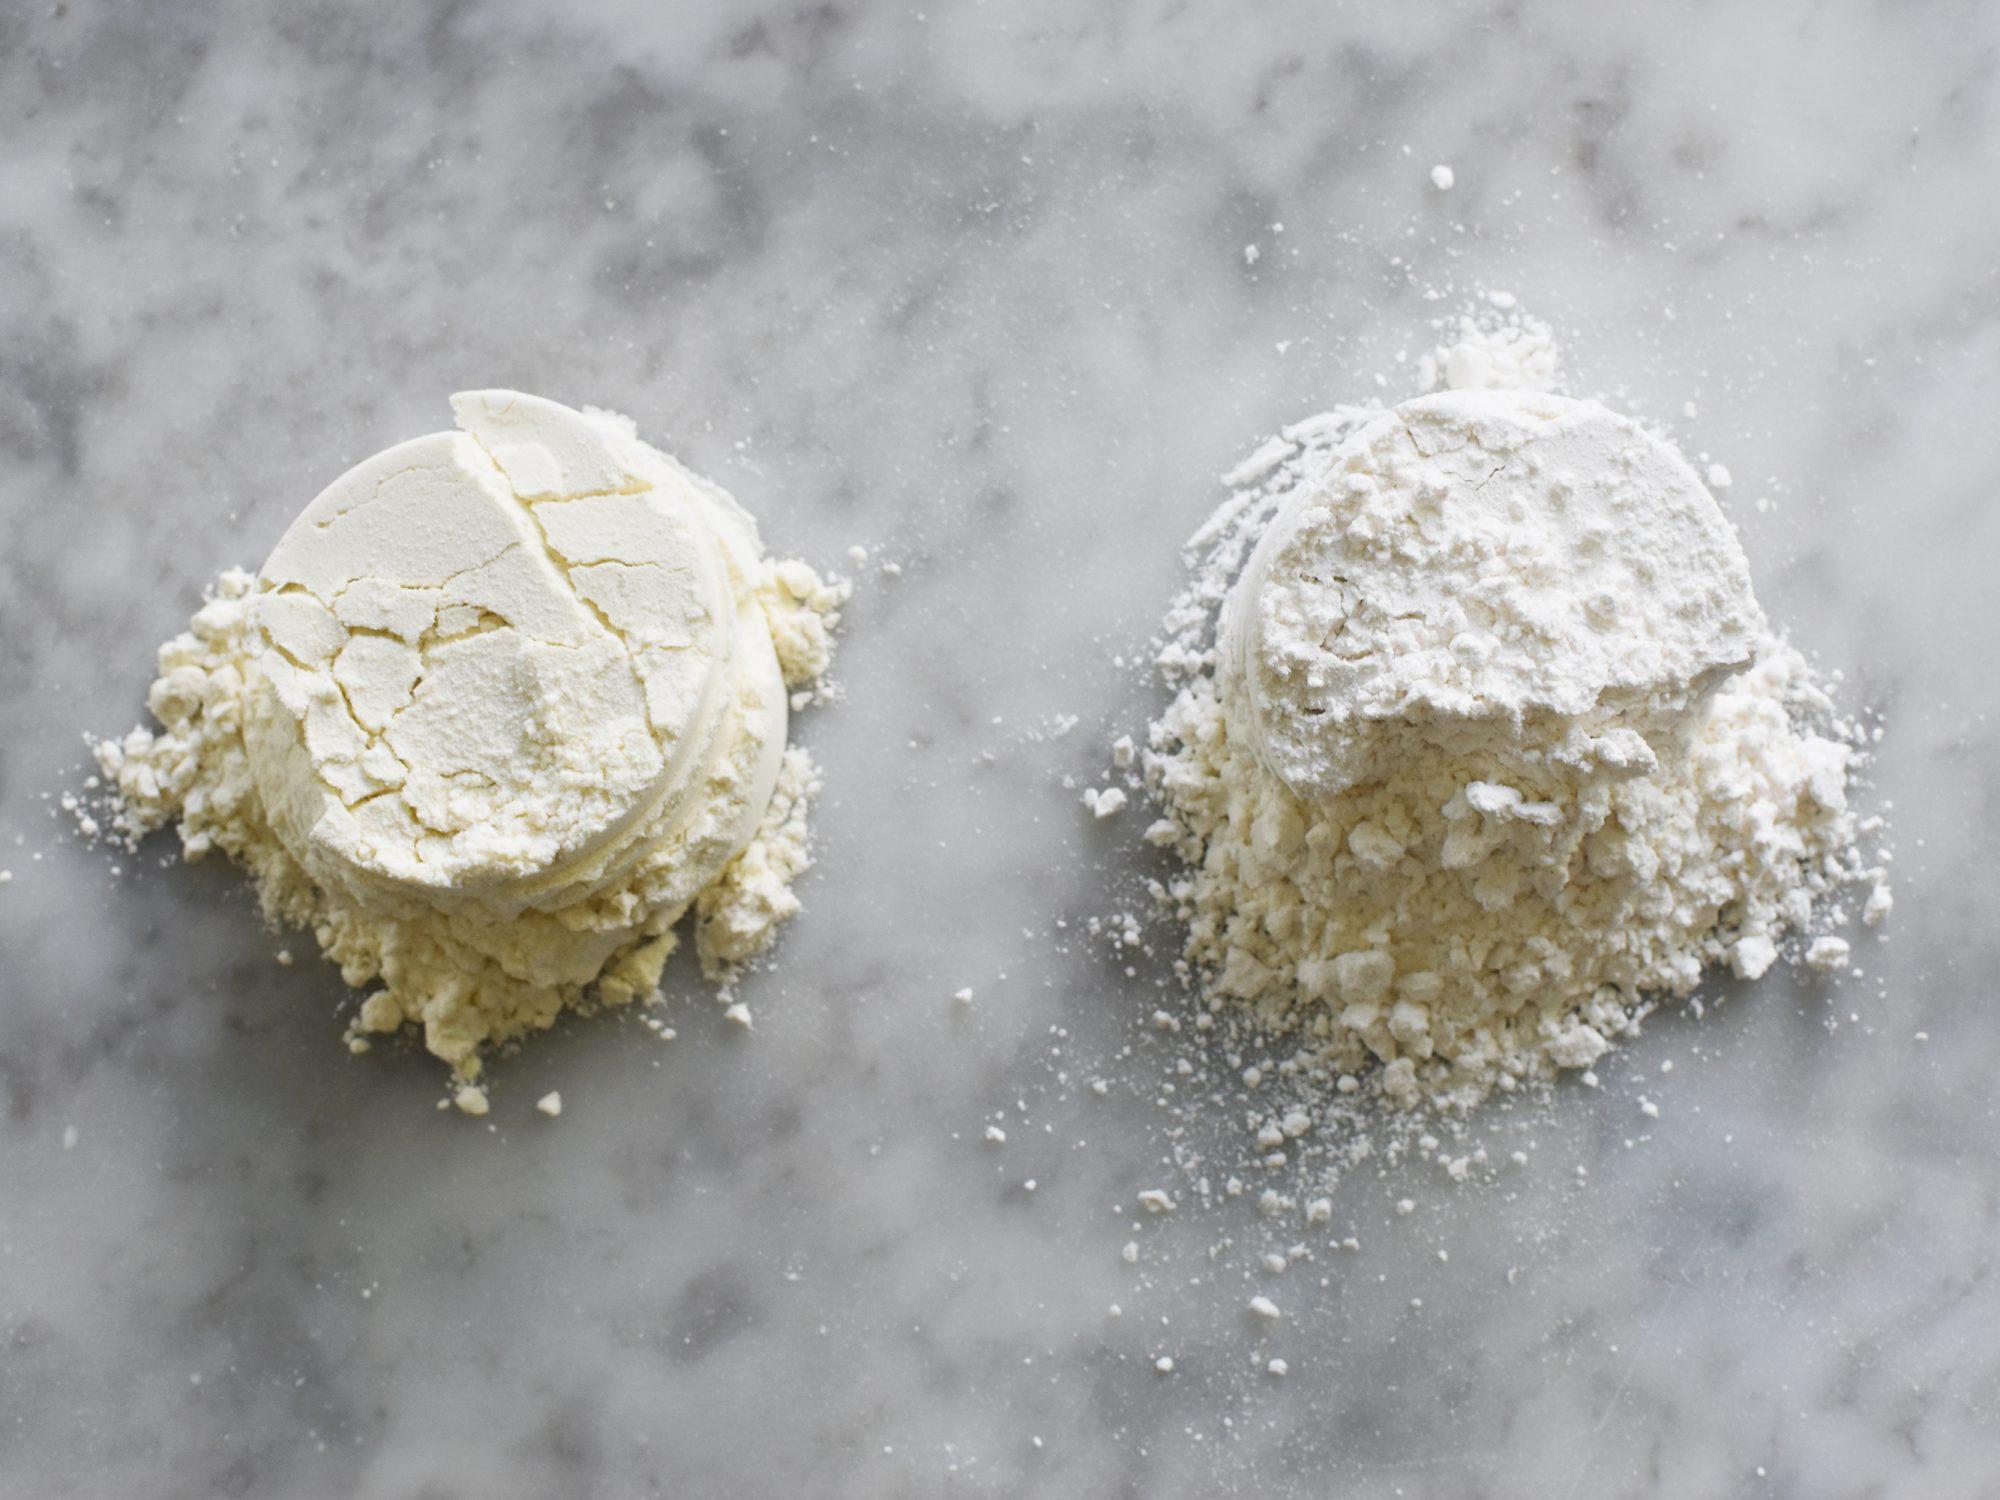 bleached-unbleached-flour-mre.jpg